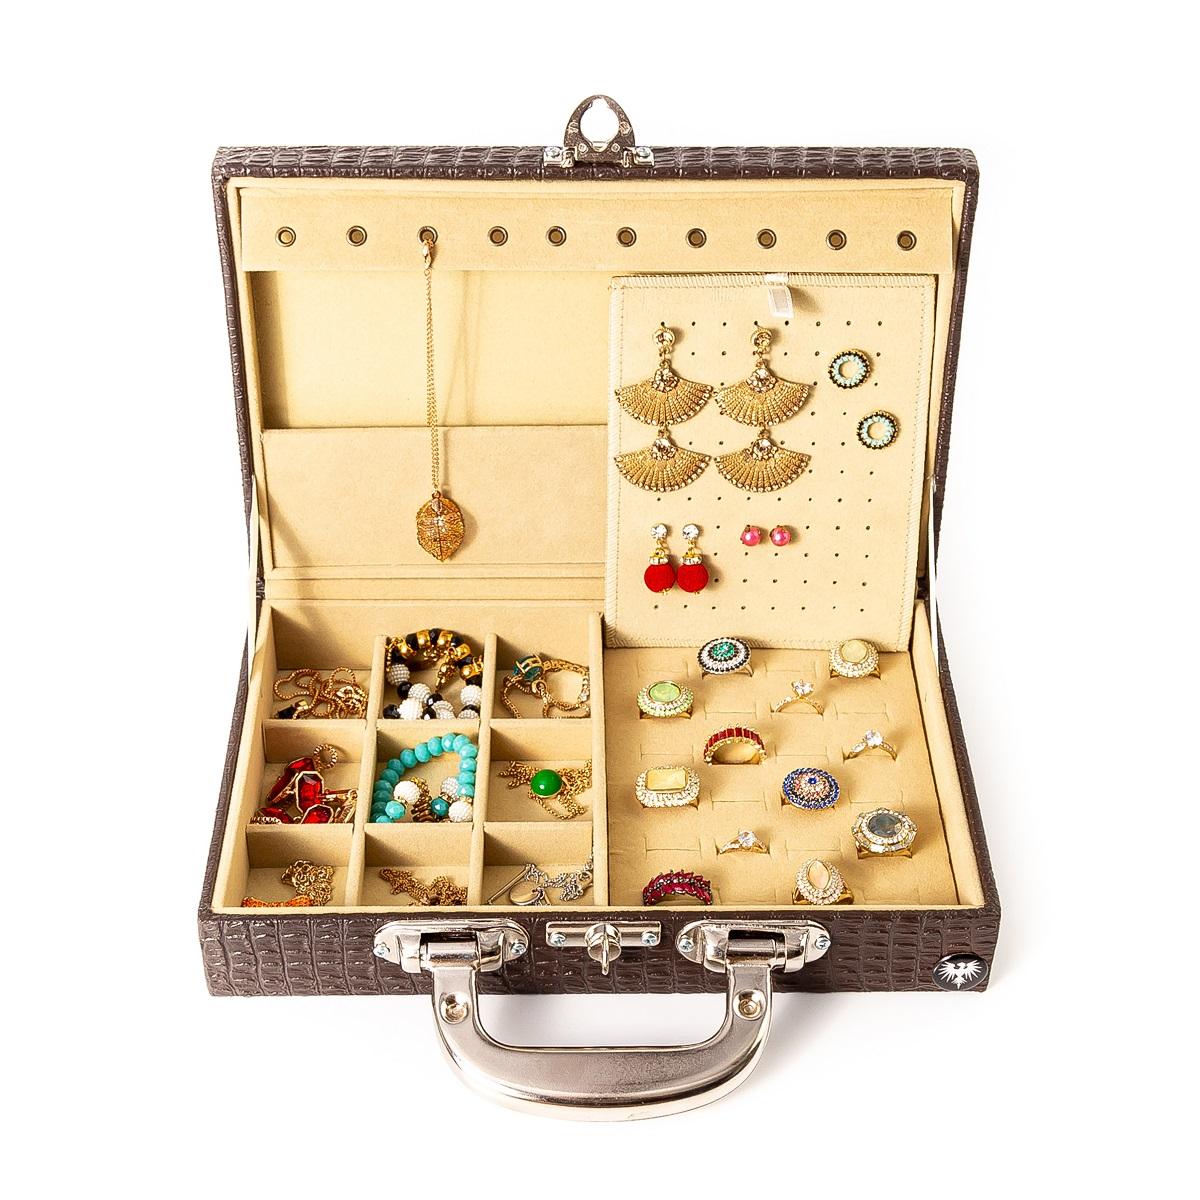 maleta-porta-joias-couro-ecologico-pequeno-marrom-bege-imagem-5.jpg